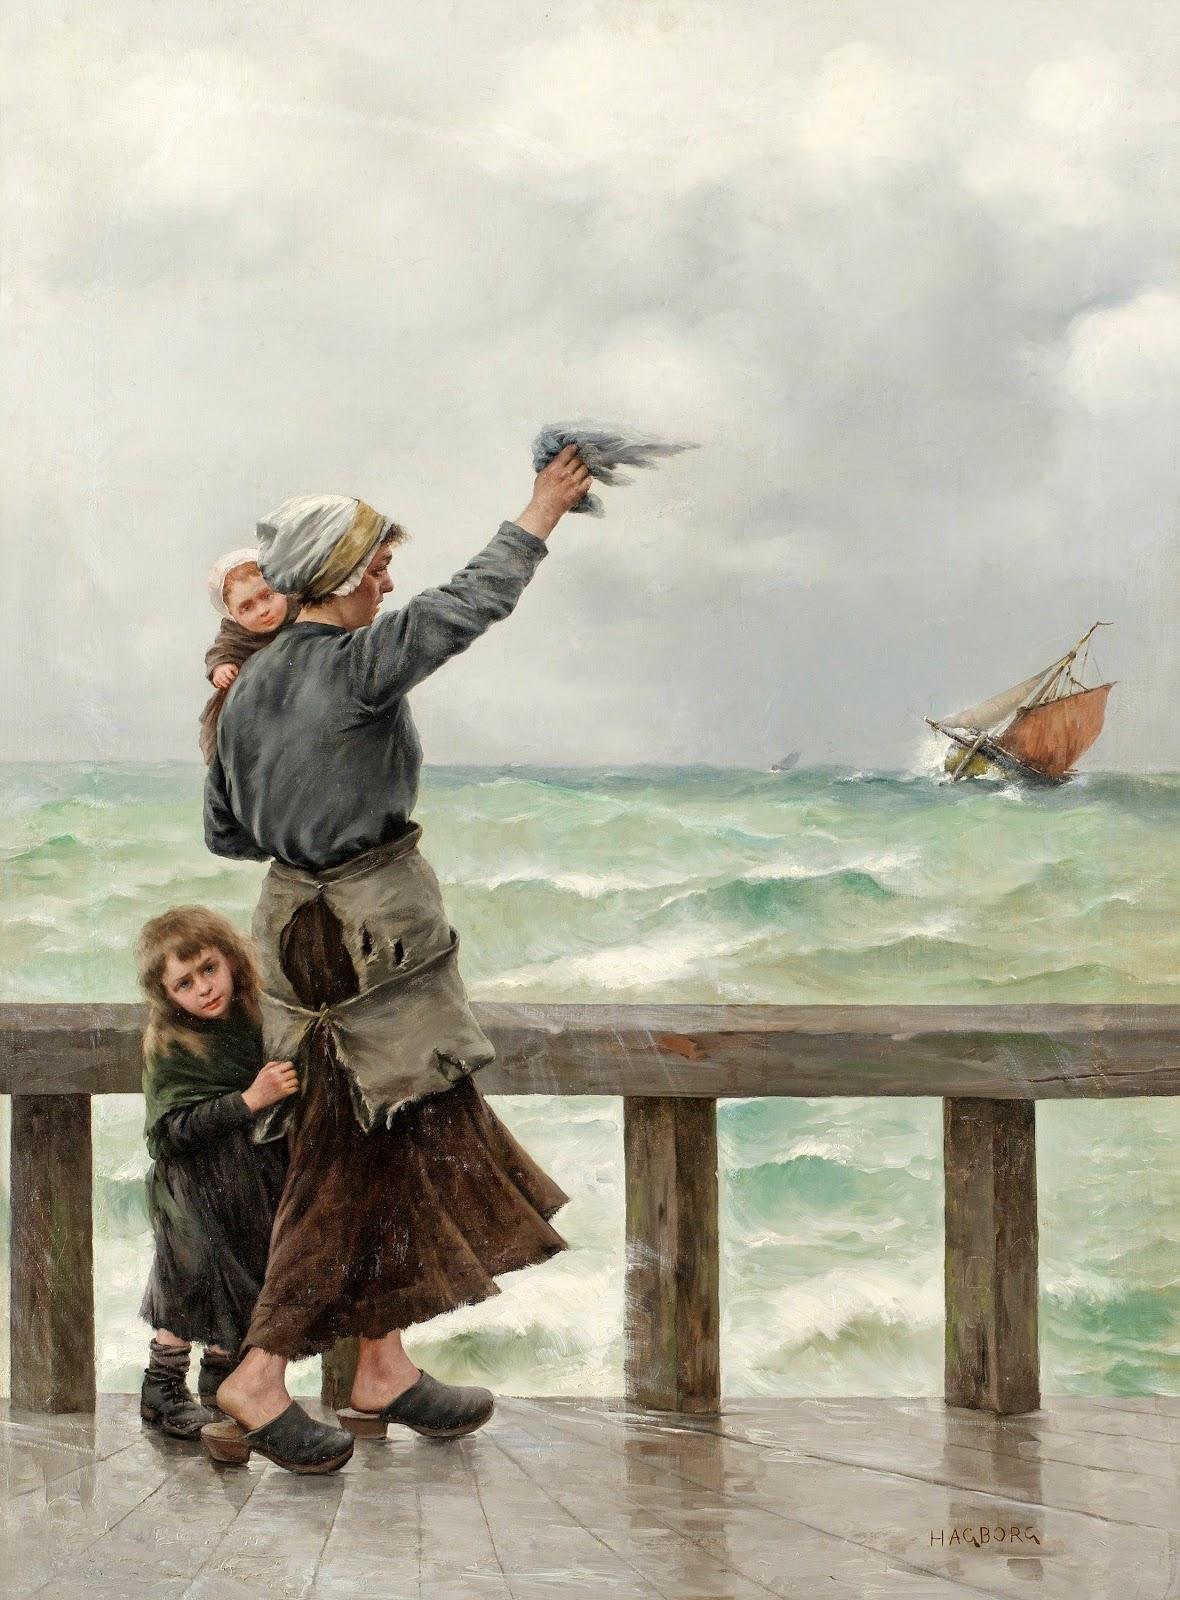 August Hagborg Fiskarens hemkomst